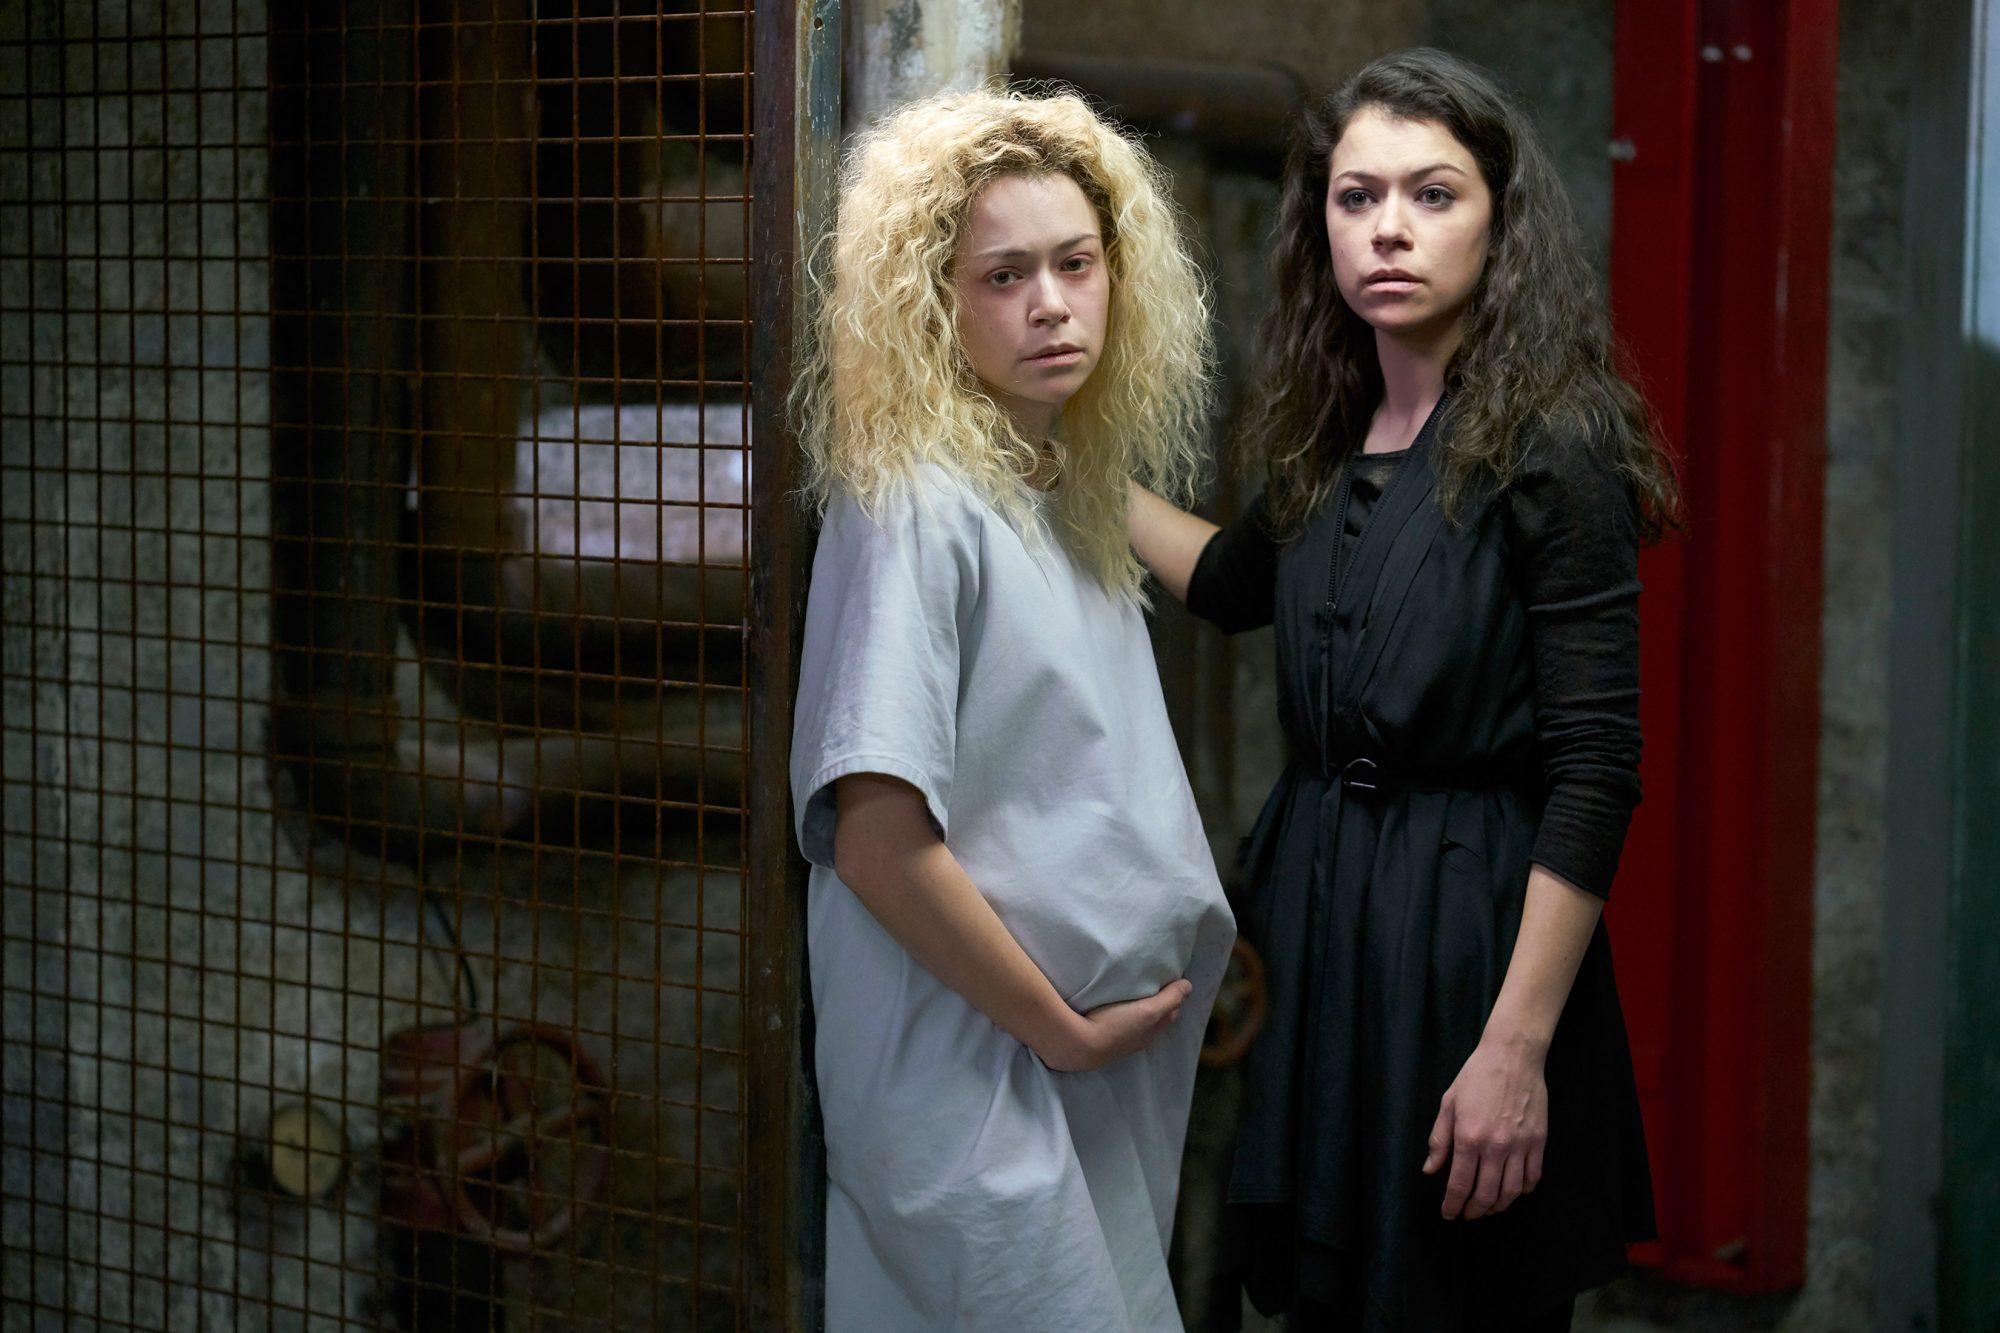 Helena (Tatiana Maslany) and Sarah (Tatiana Maslany)